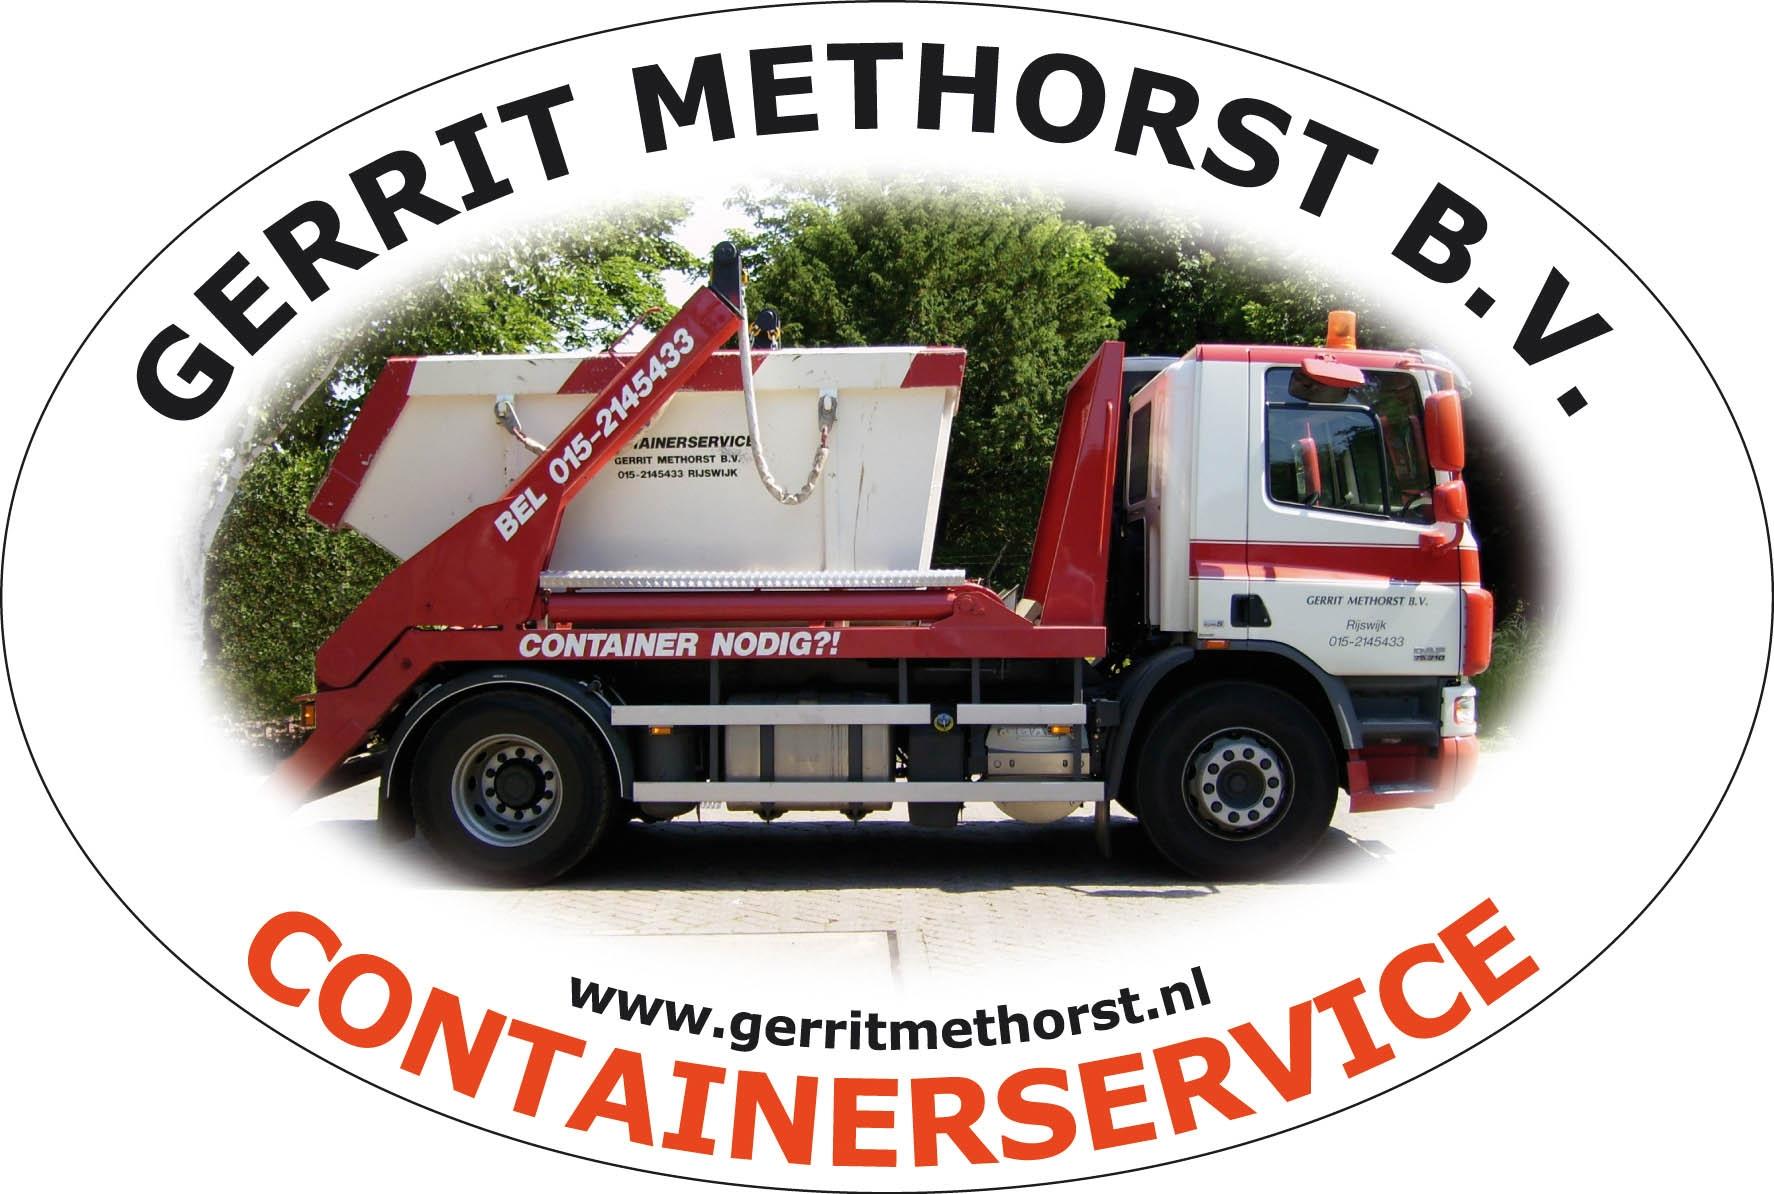 Gerrit Methorst